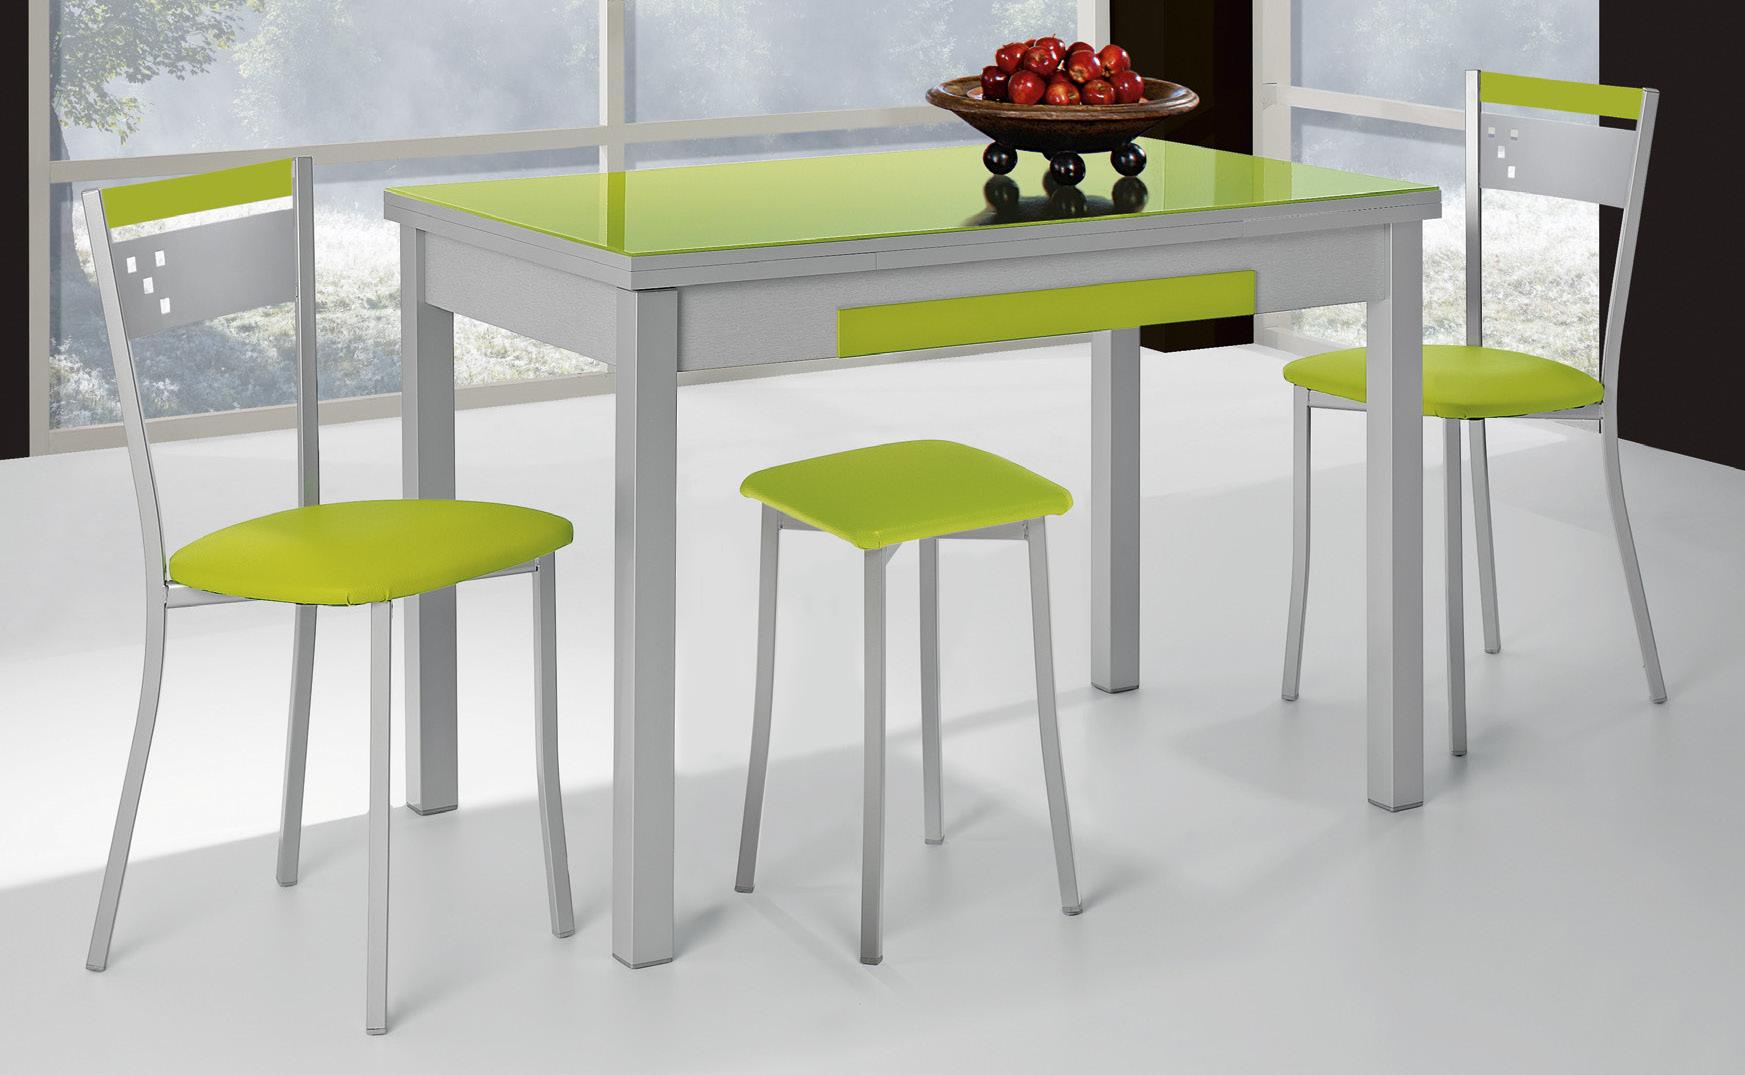 Mesas madera metal imeci f brica de mesas y sillas de cocina y comedor - Fabricantes de mesas y sillas de cocina ...